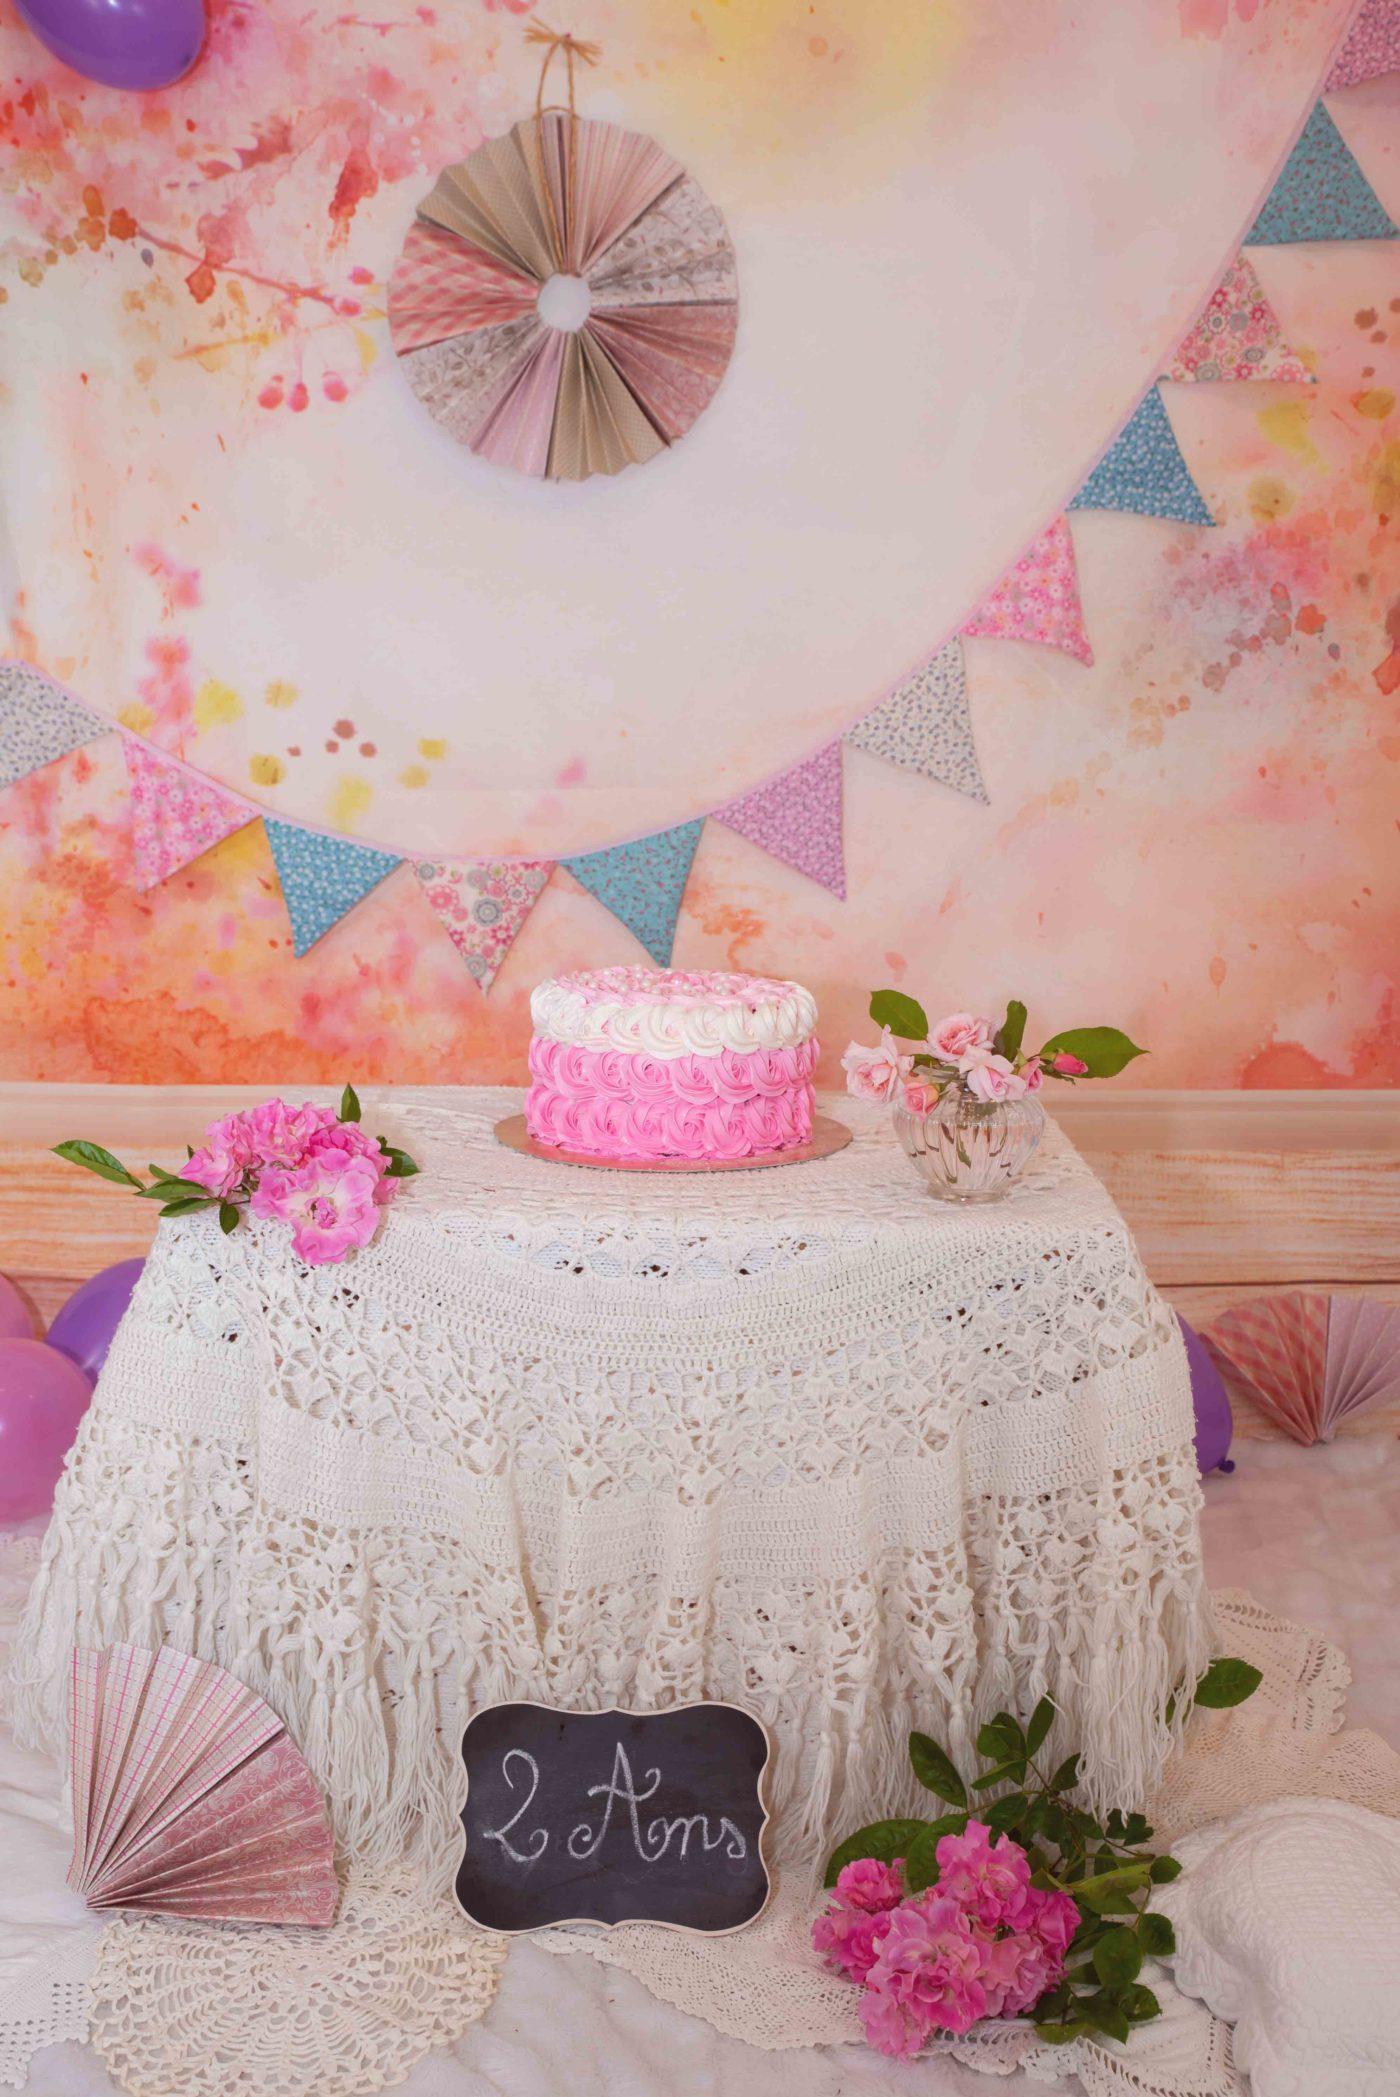 séance smash the cake avec gâteau d'anniversaire photographe gap